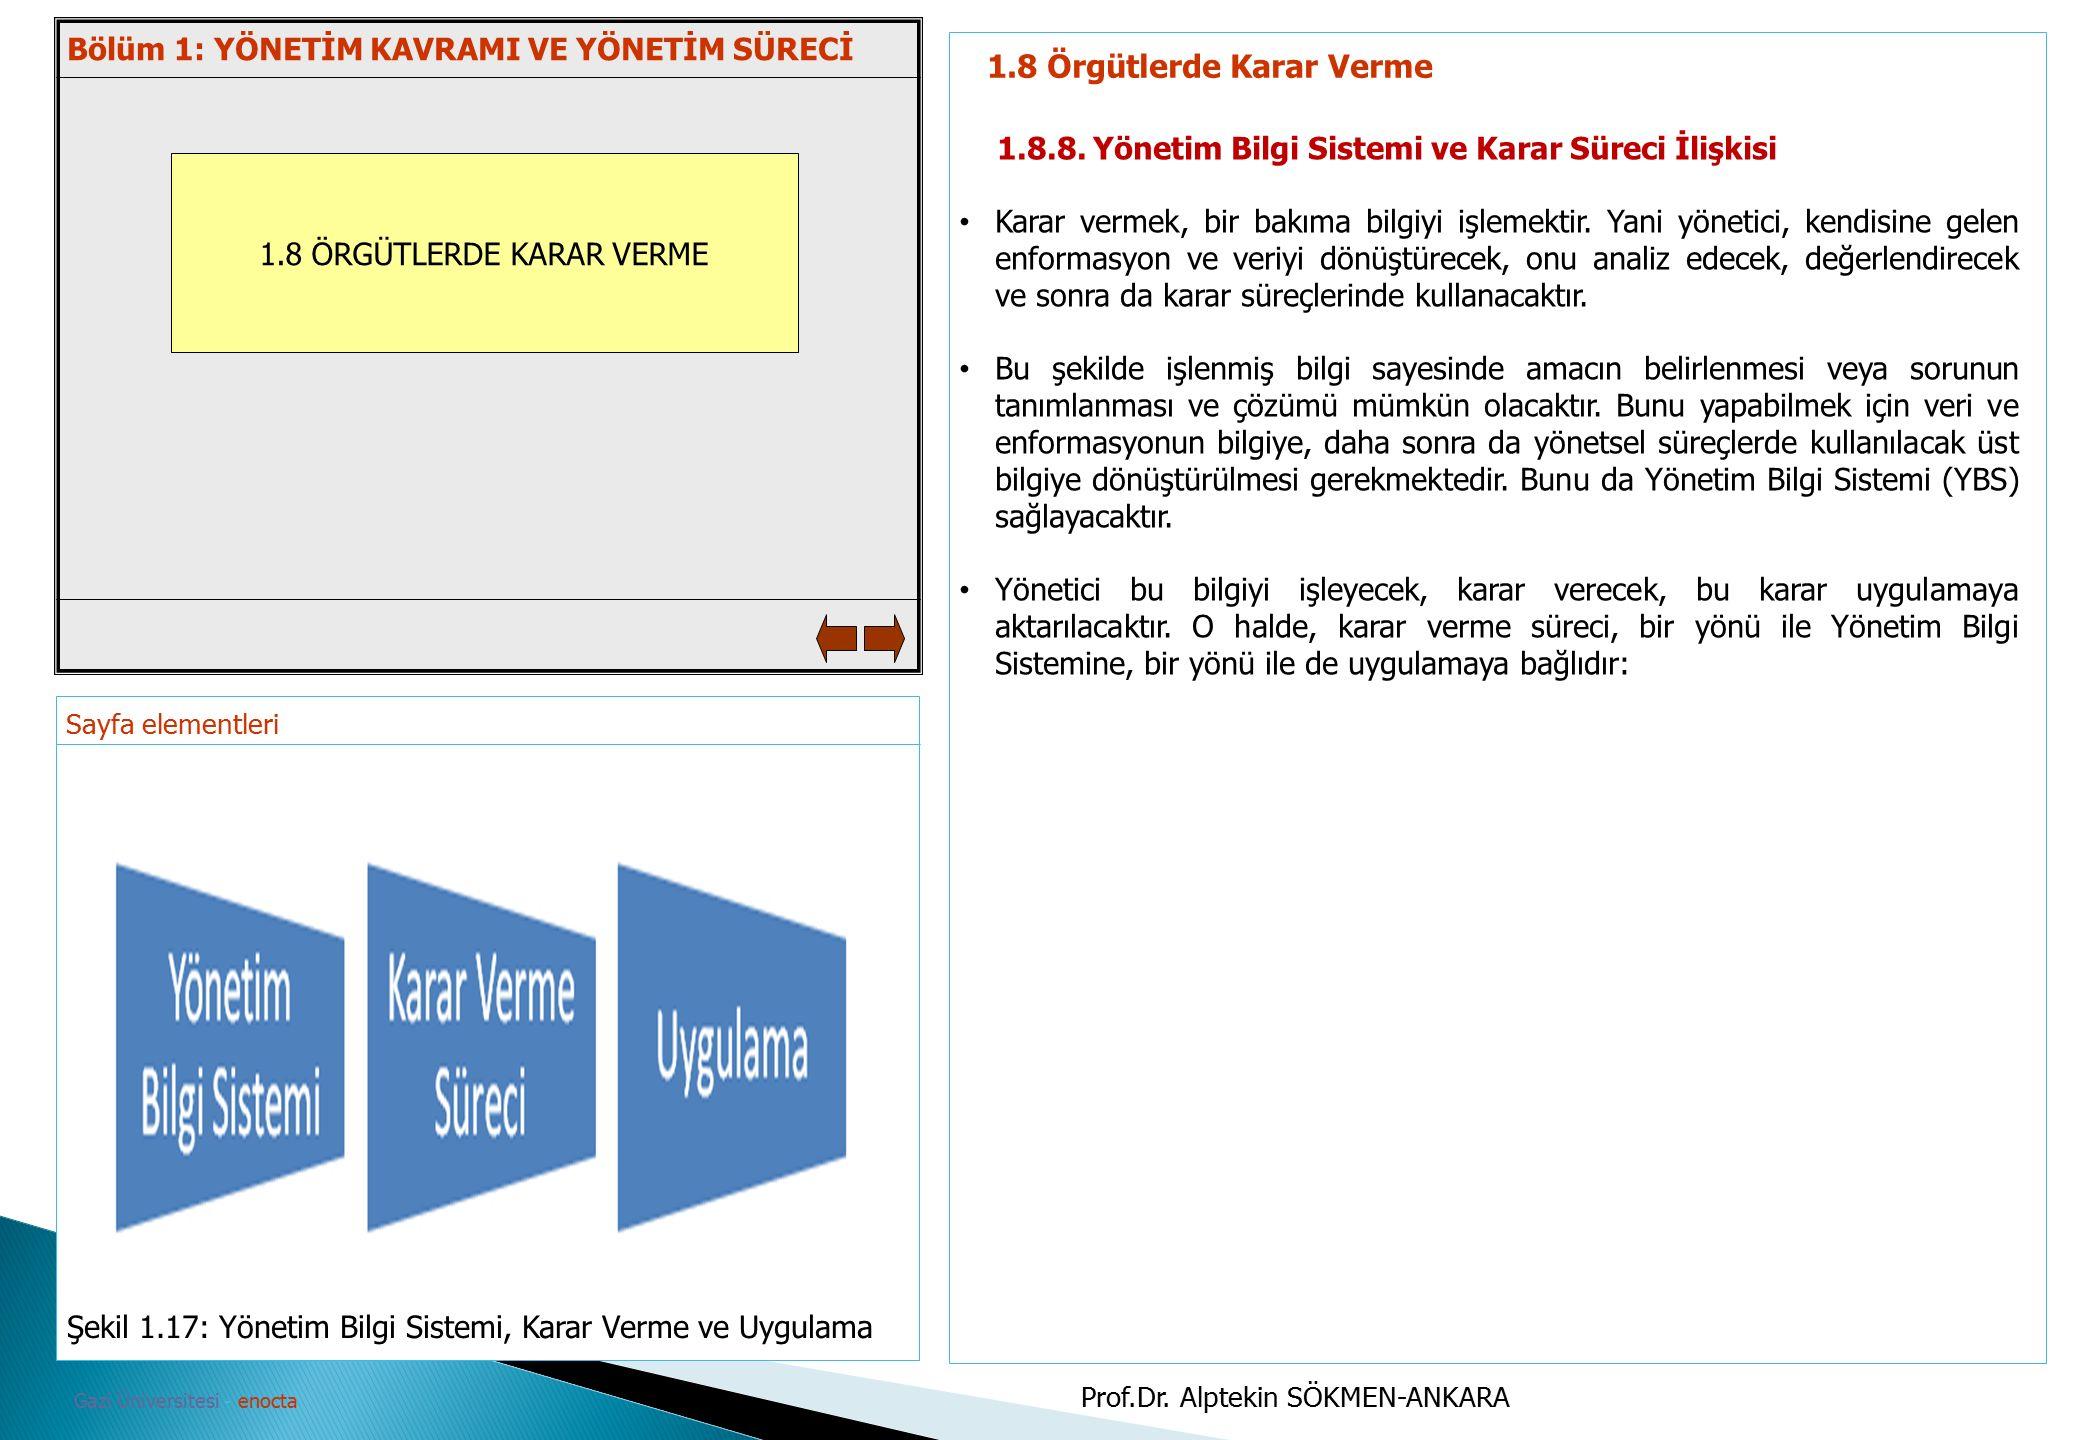 Sayfa elementleri Gazi Üniversitesi - enocta 1.8 ÖRGÜTLERDE KARAR VERME 1.8 Örgütlerde Karar Verme 1.8.8. Yönetim Bilgi Sistemi ve Karar Süreci İlişki